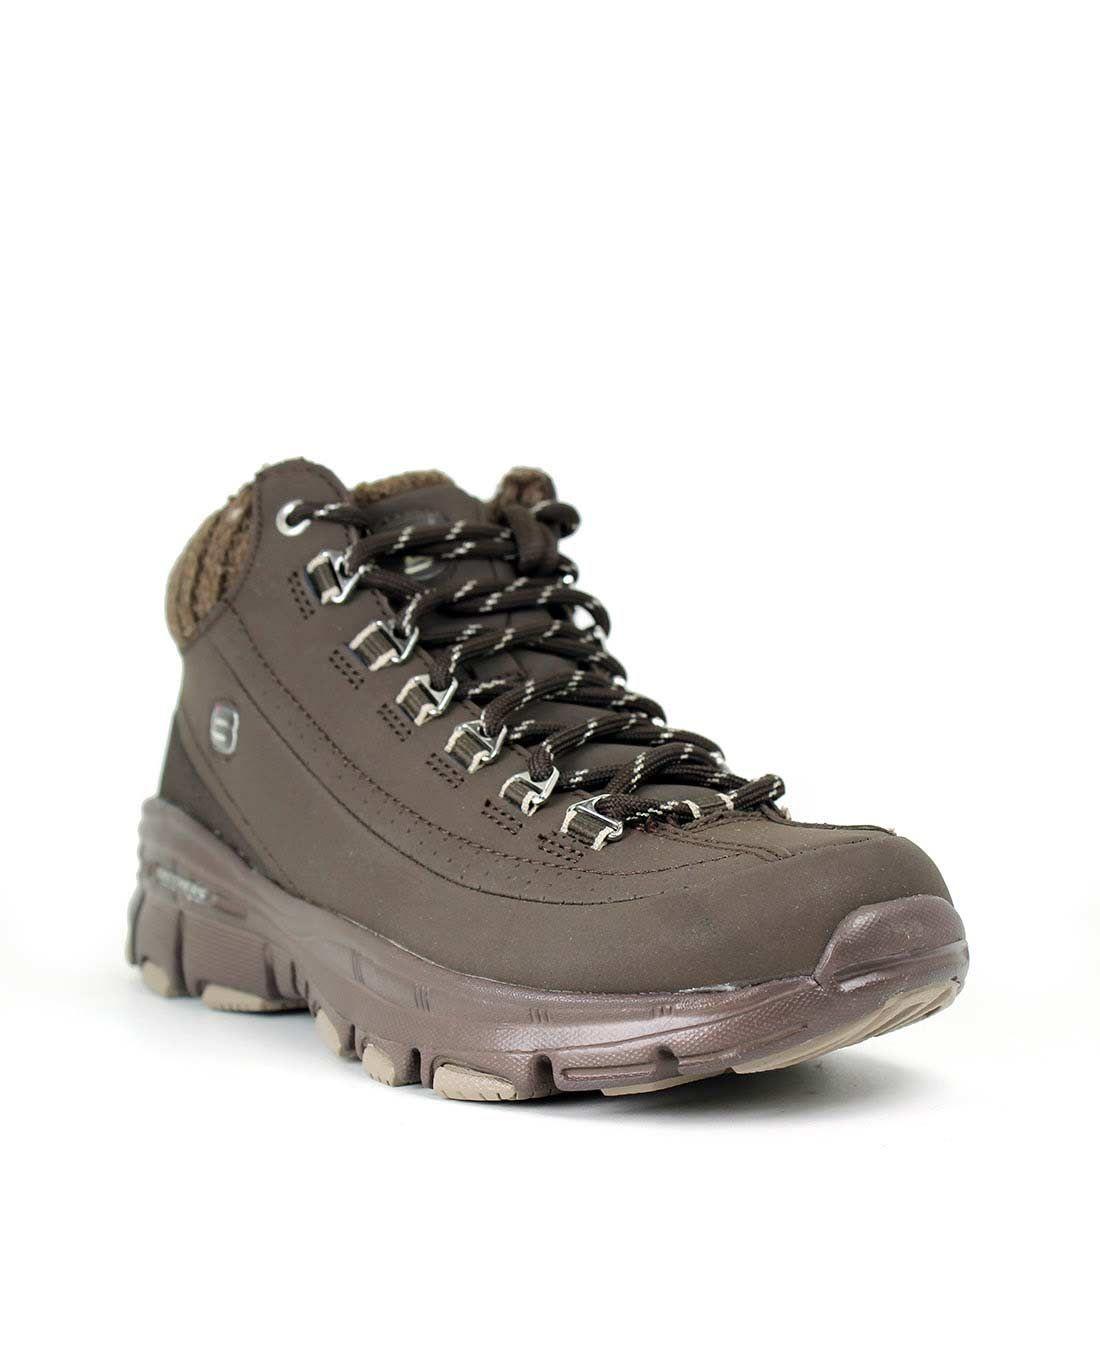 Zapatillas Skechers Skechers Montañas Zapatillas Marrón 99999661De Marrón 9IYWD2EH